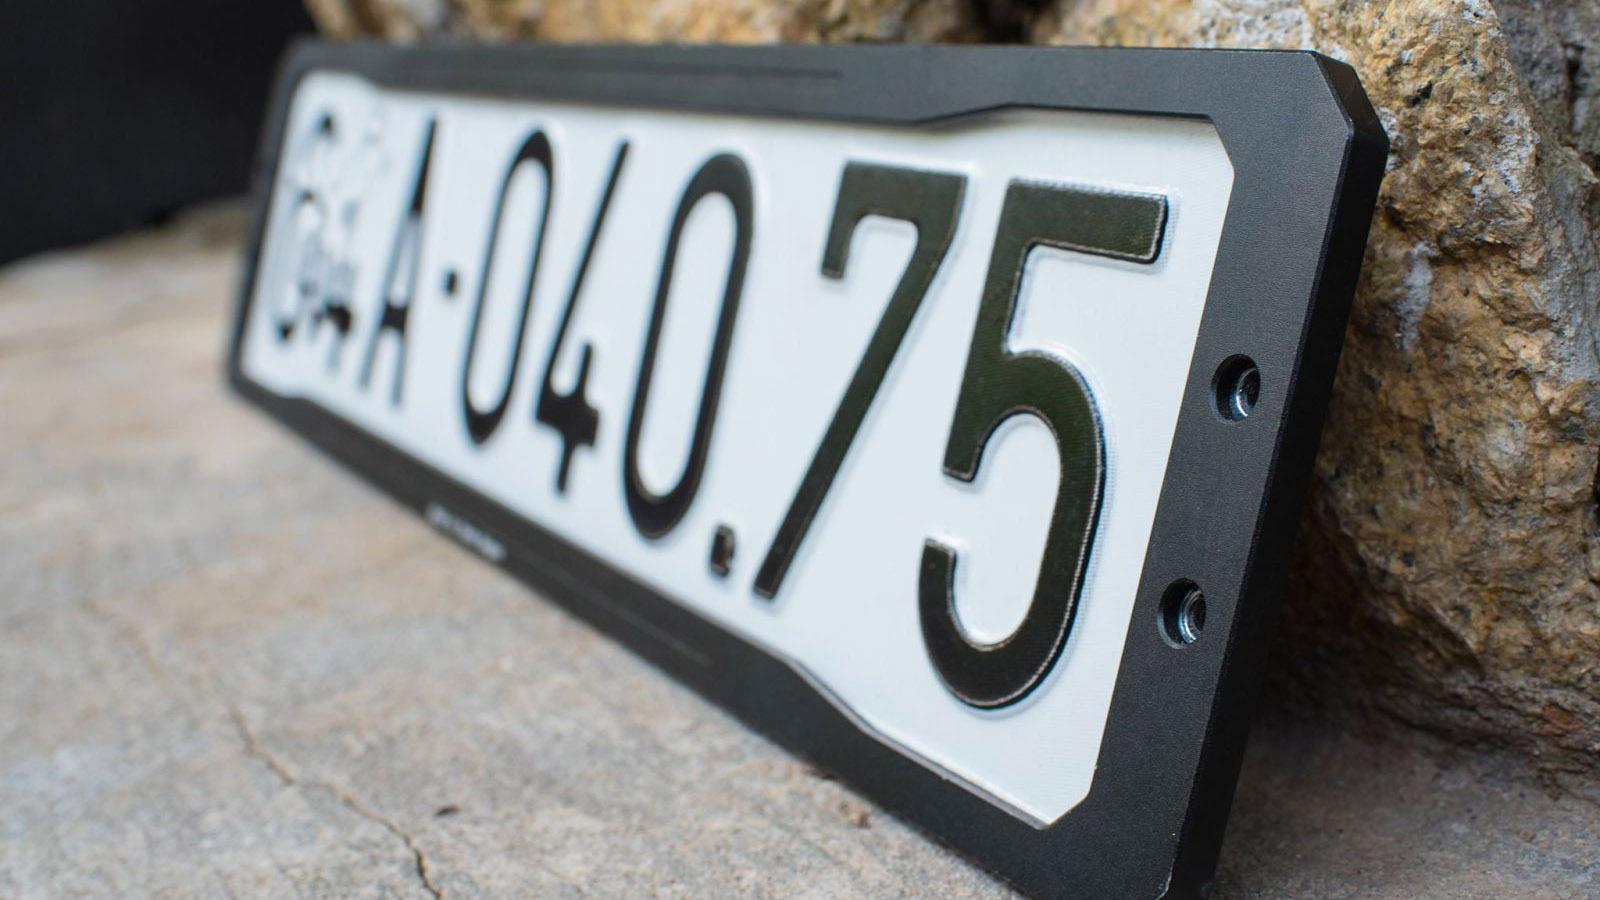 Quy định mới: Bán xe khác tỉnh phải nộp lại biển số